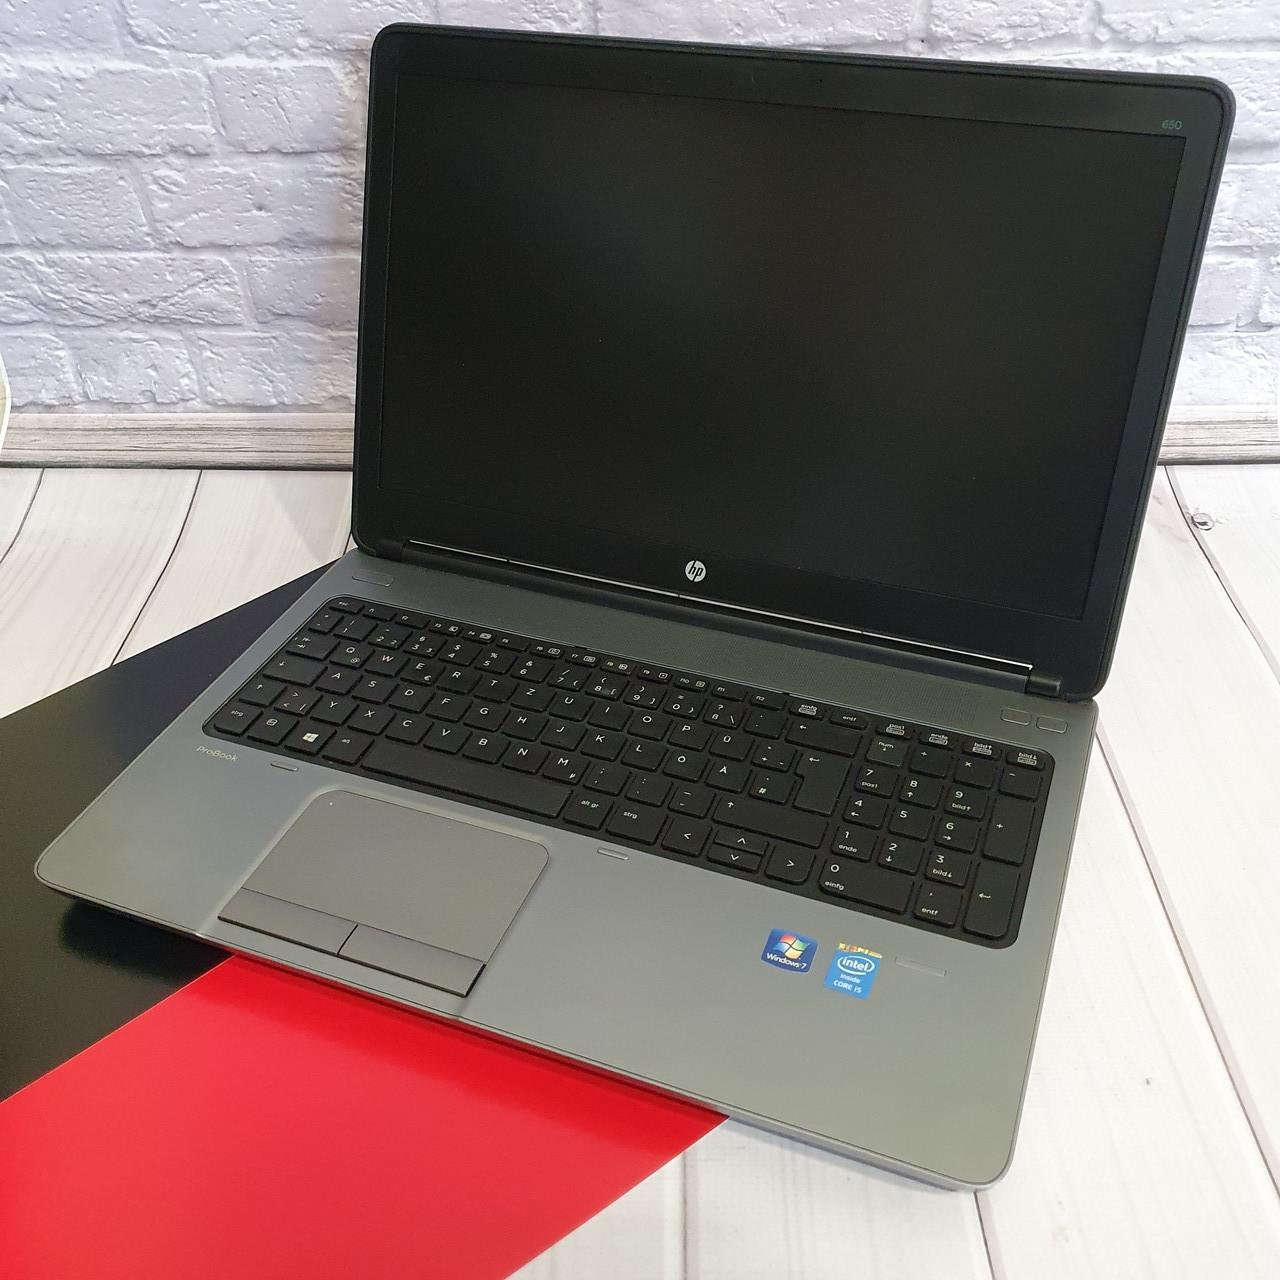 Ноутбук HP ProBook 650 15( Intel Core I5-4200m / 4x3.10GHz/ 8Gb DDR3/HDD 320Gb/HD 8750)